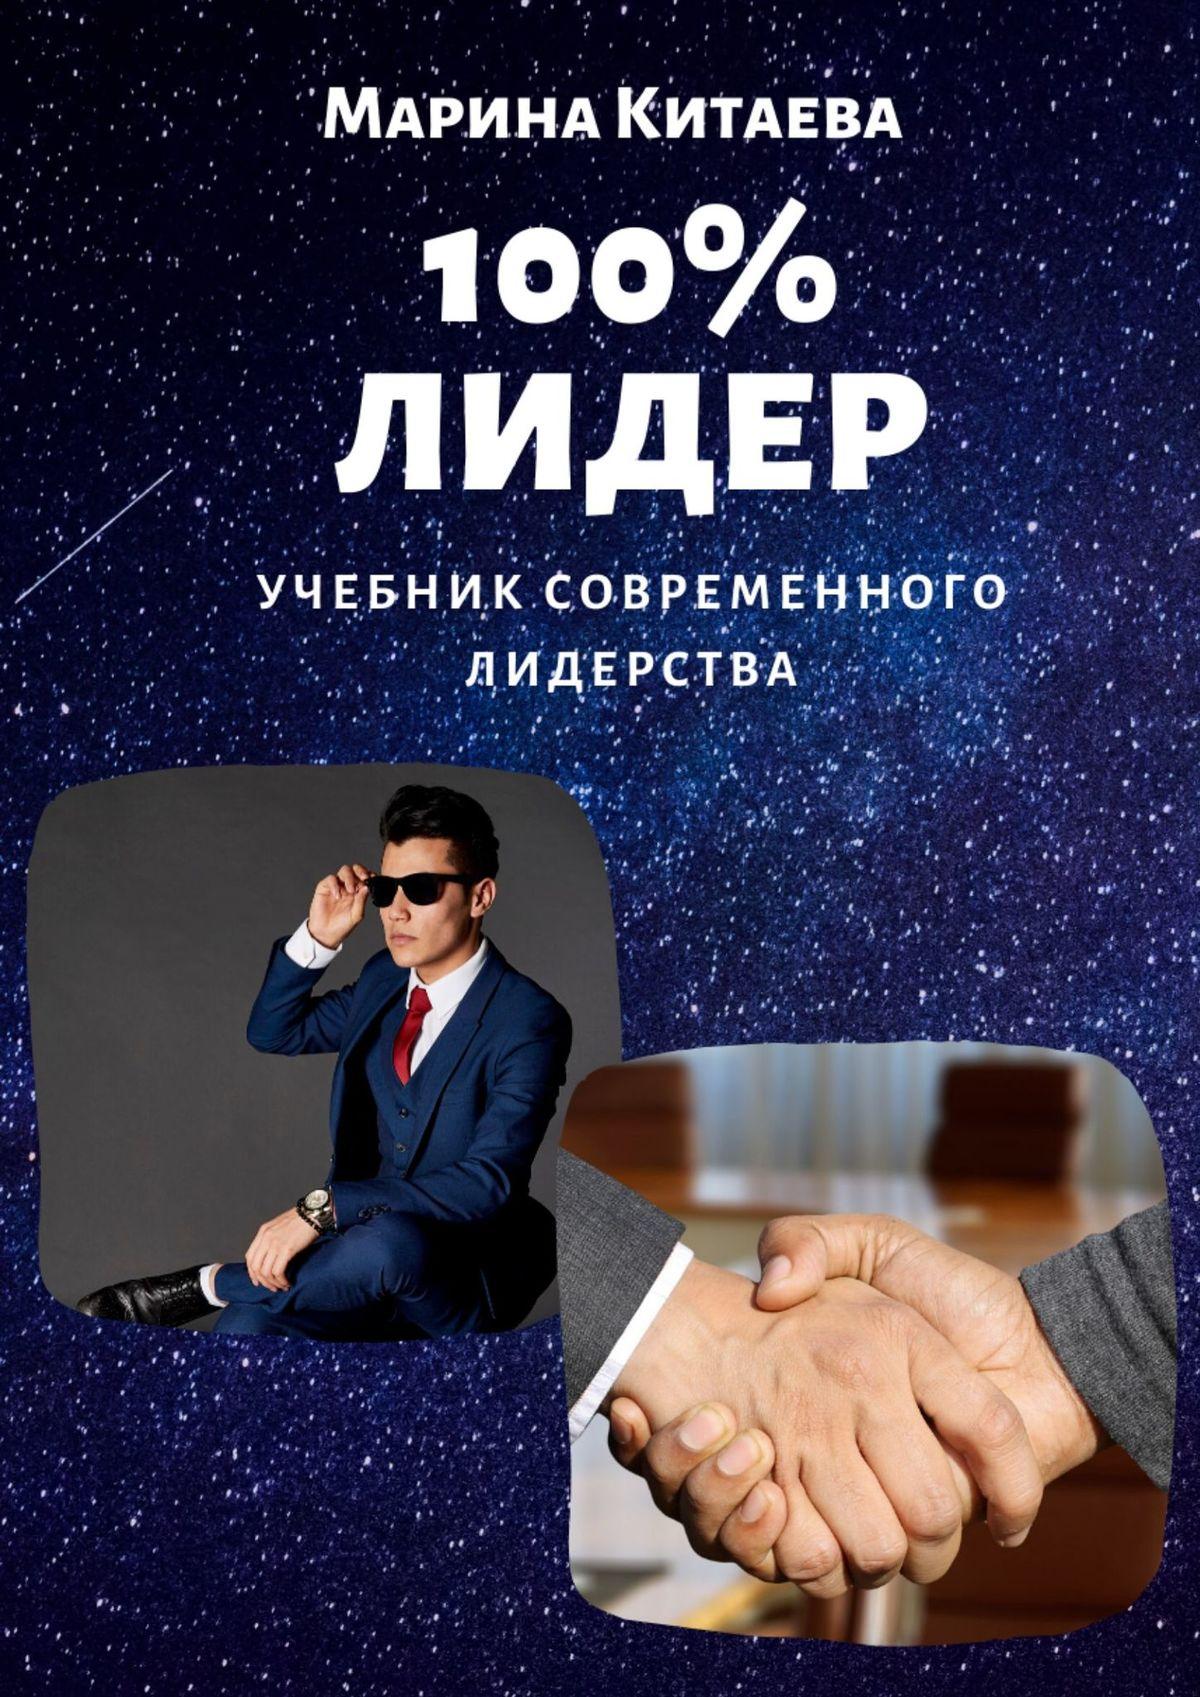 Марина Витальевна Китаева 100% лидер! Учебник современного лидерства детство лидера